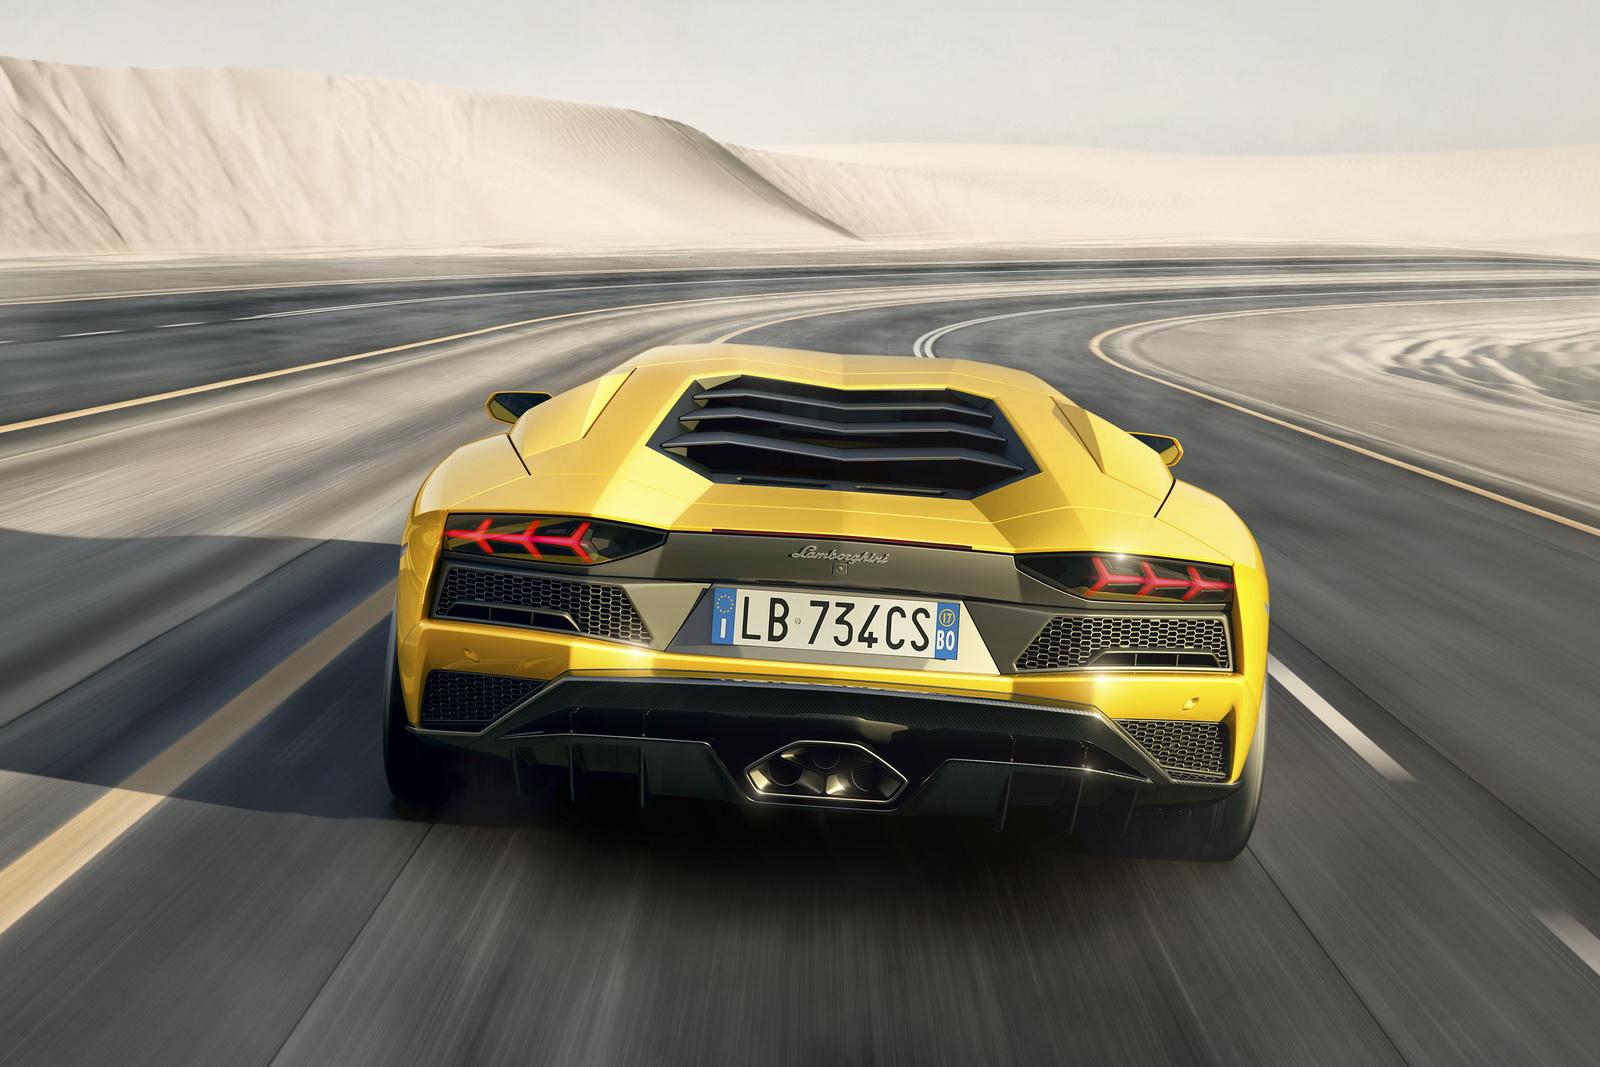 Lamborghini Aventador S de traseira